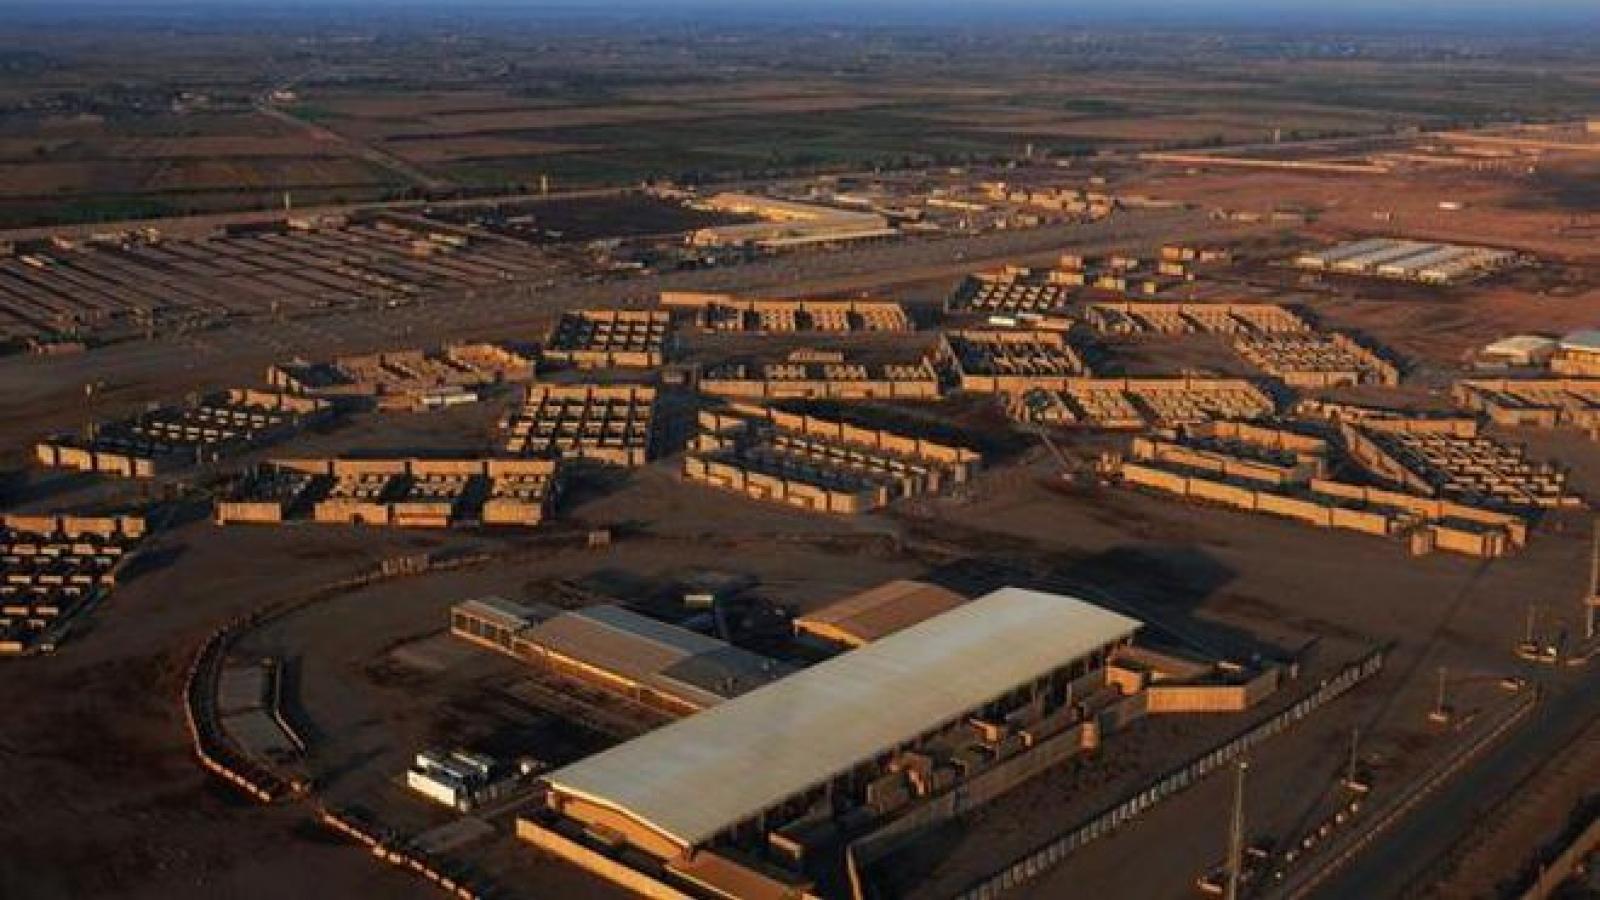 Thêm một vụ tấn công tên lửa vào căn cứ không quân tại Iraq